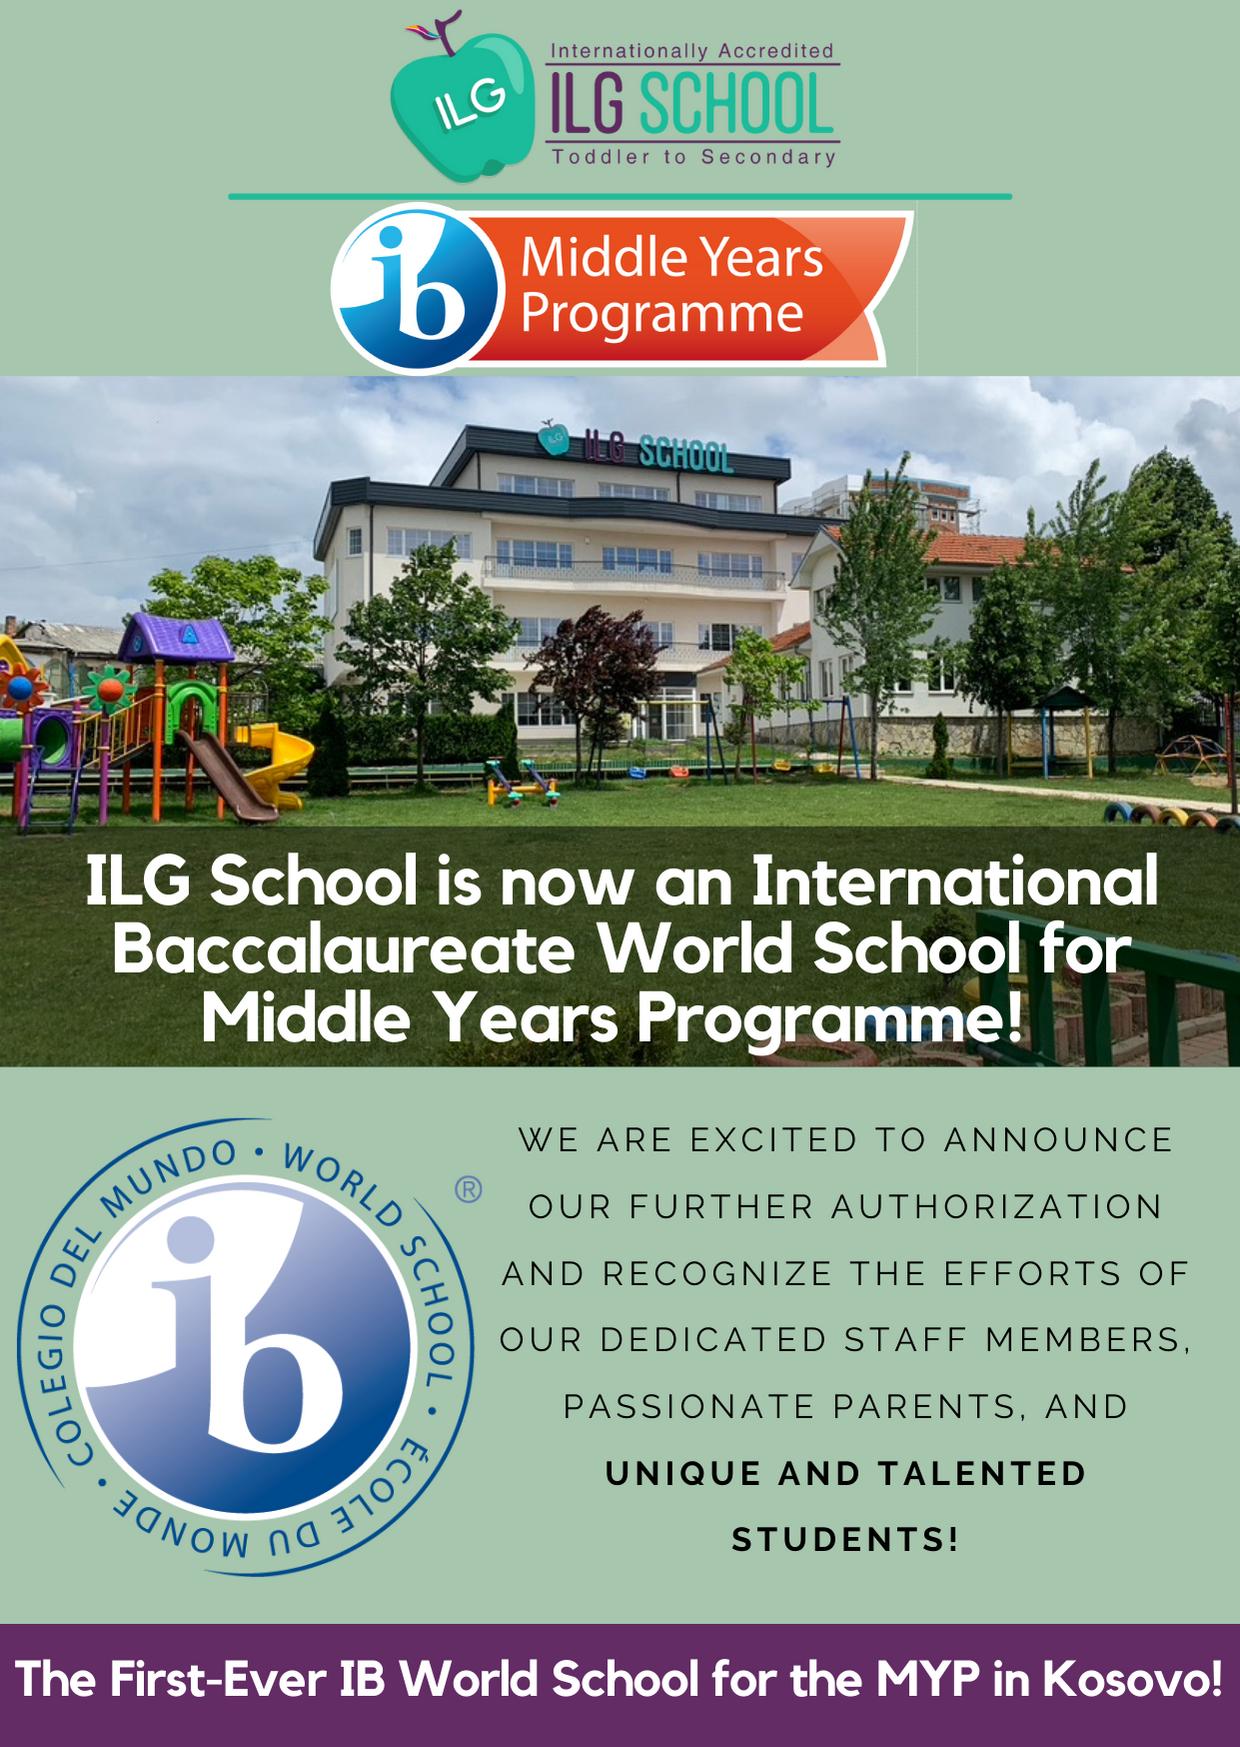 IB MYP SCHOOL - KOSOVO